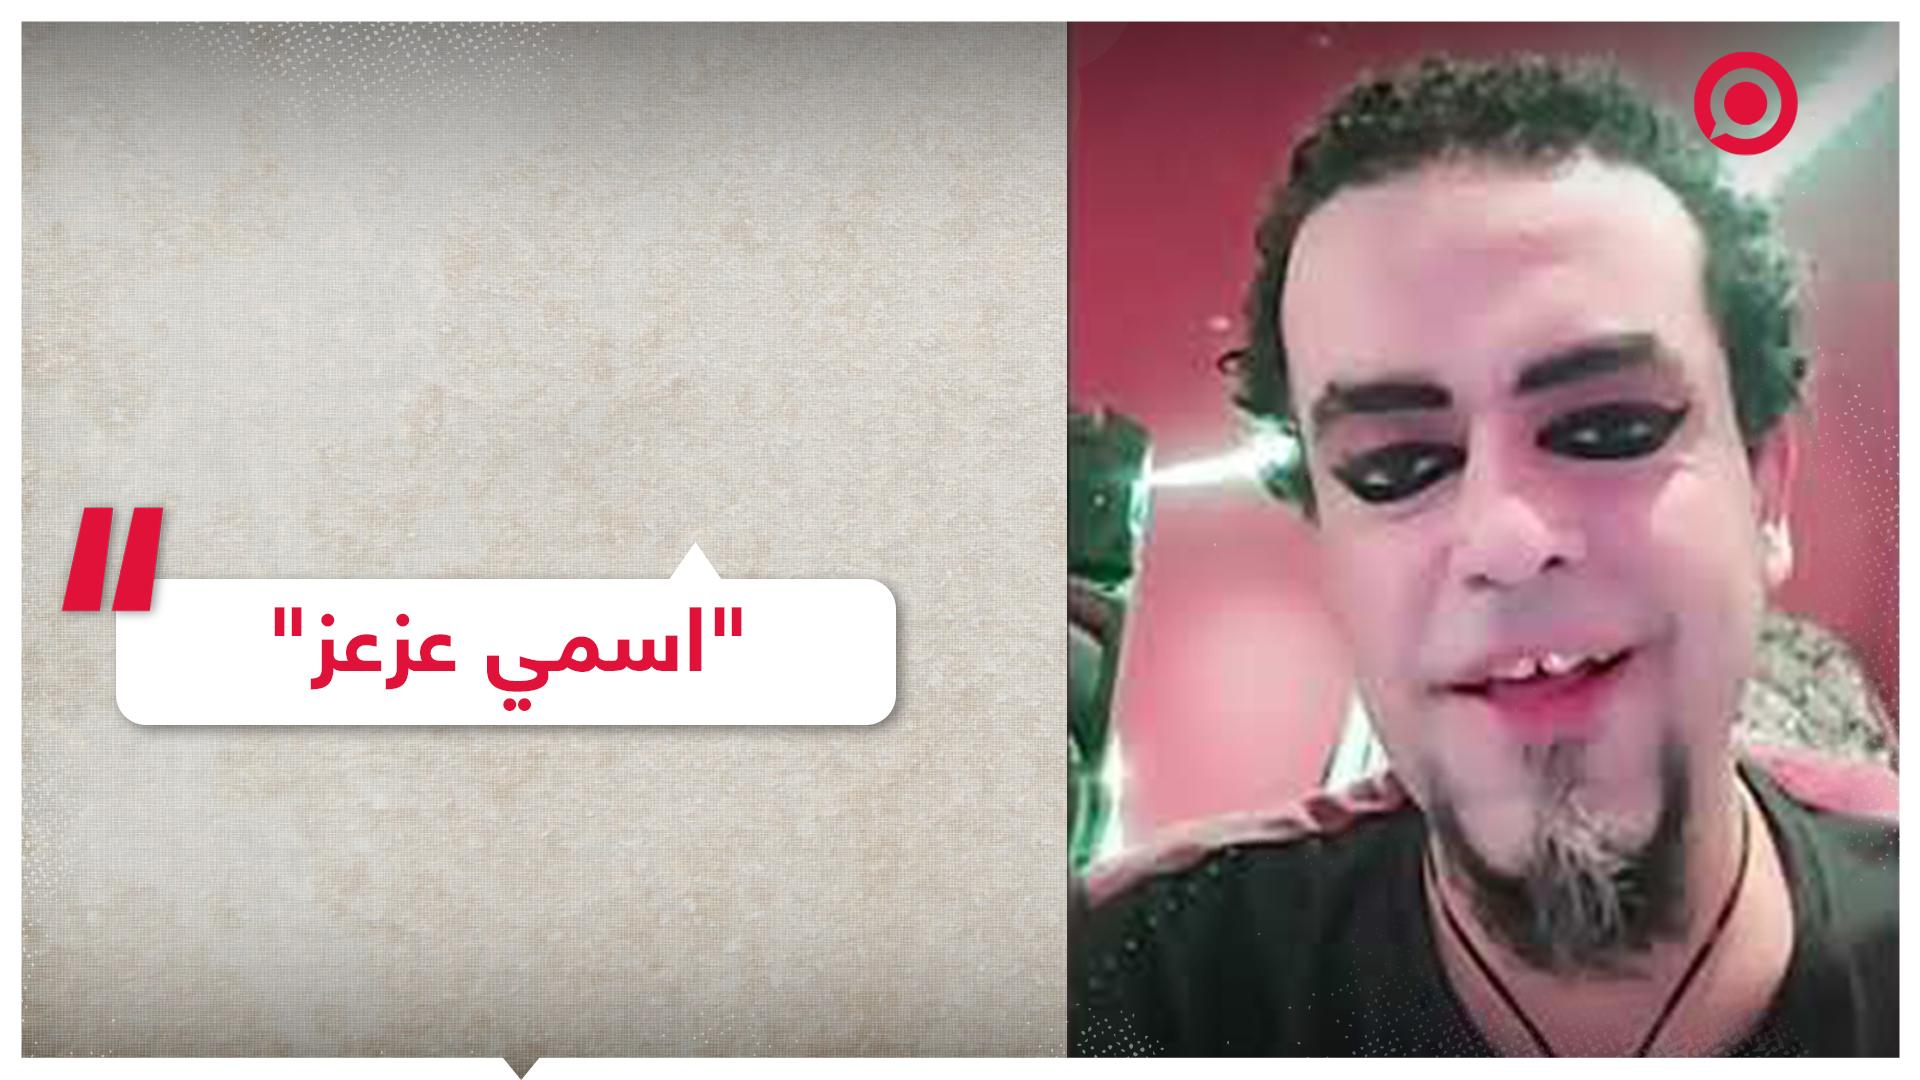 """""""اسمي عزعز"""".. شاب أطلق على نفسه سابقا """"إبليس"""" يثير الجدل مجددا"""